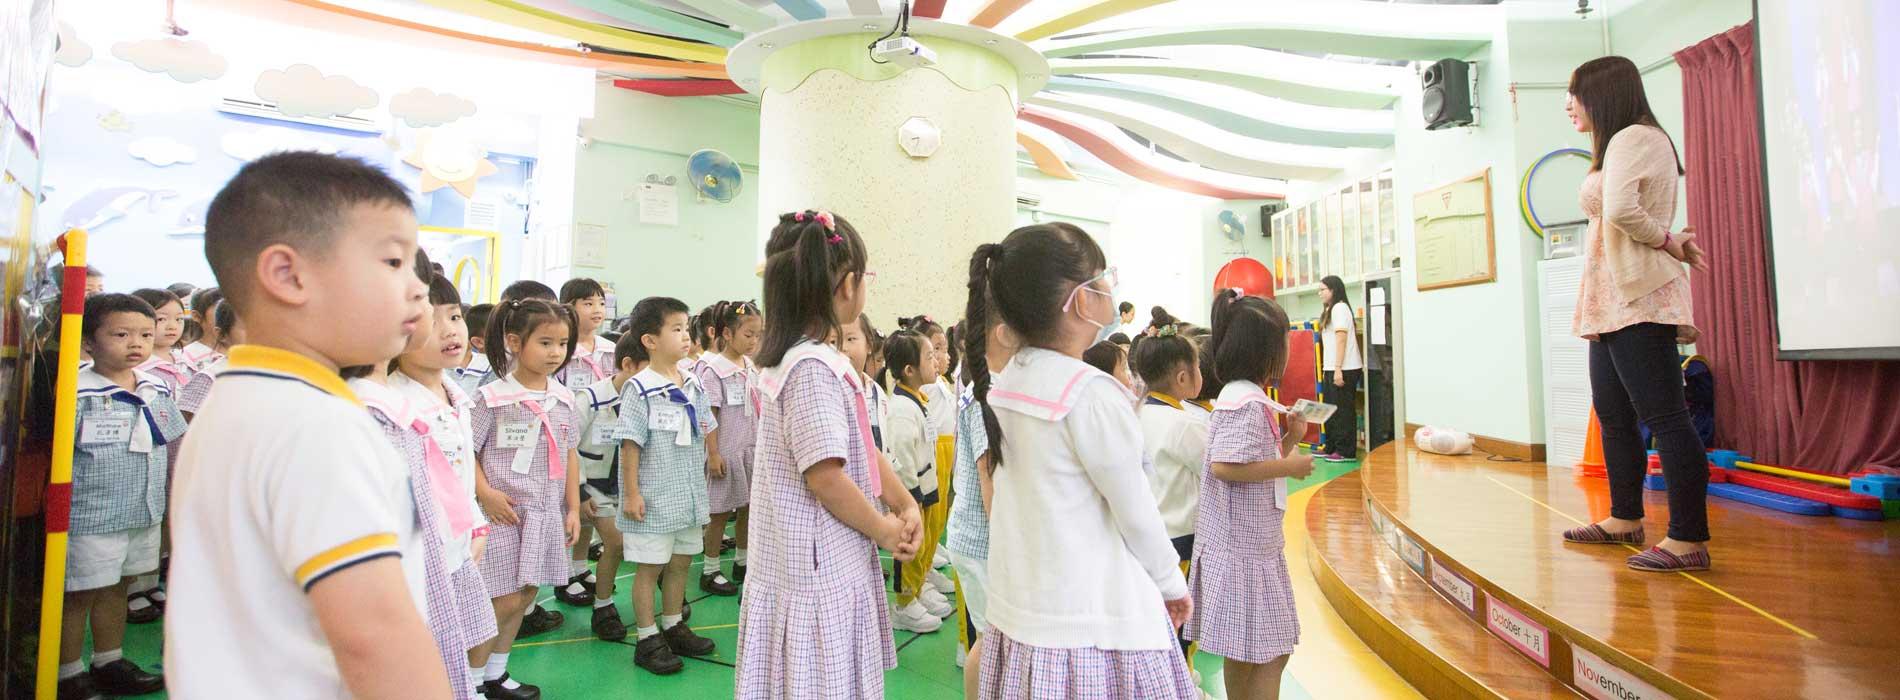 中華基督教青年會上水幼稚園服務介紹頁面橫幅